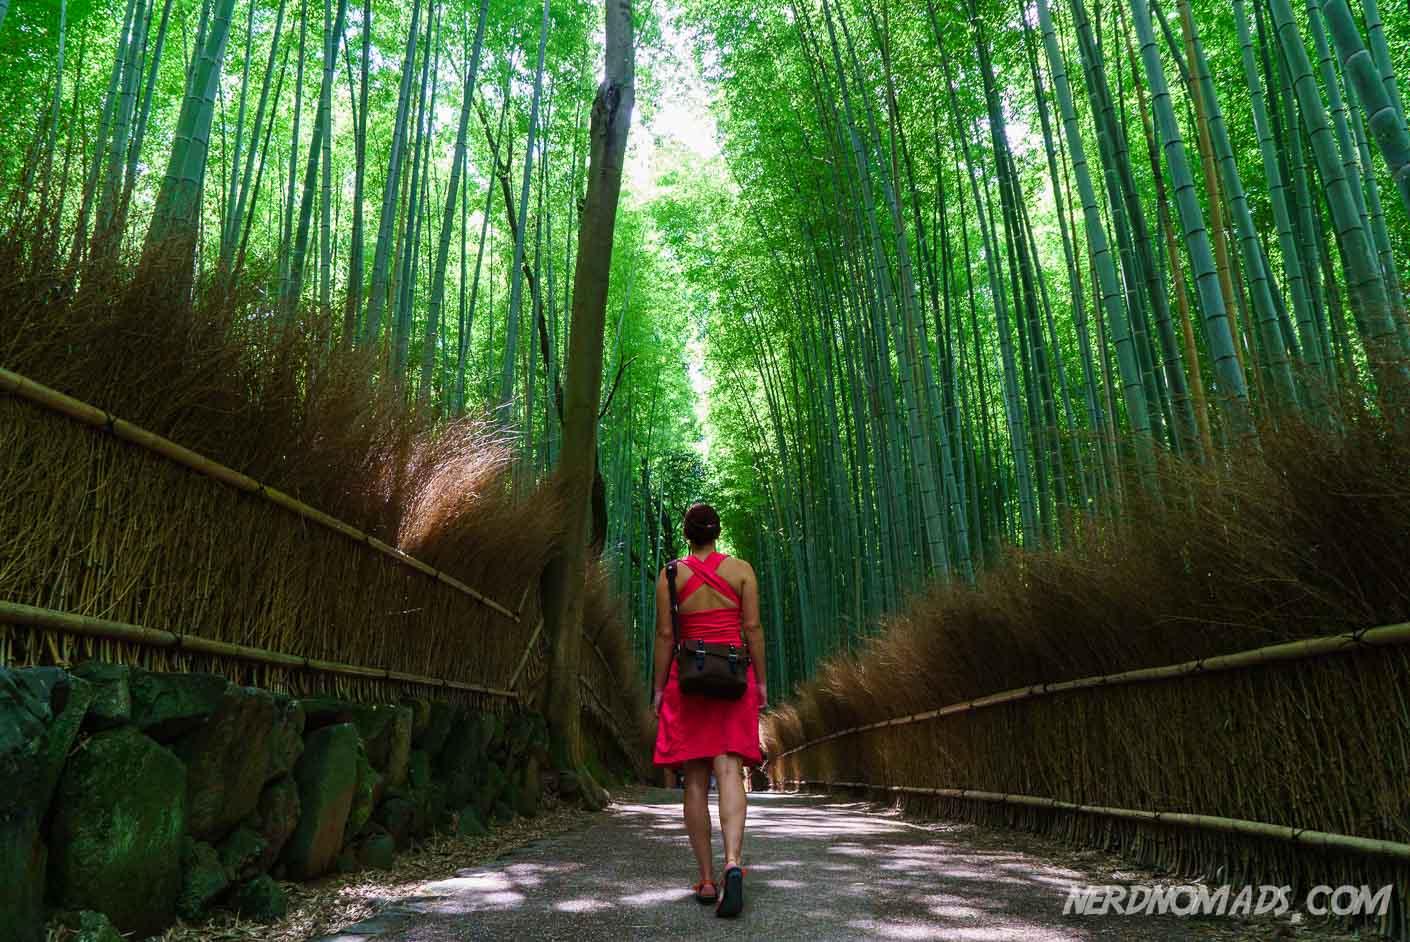 Bamboo Grove Kyoto Nerd Nomads